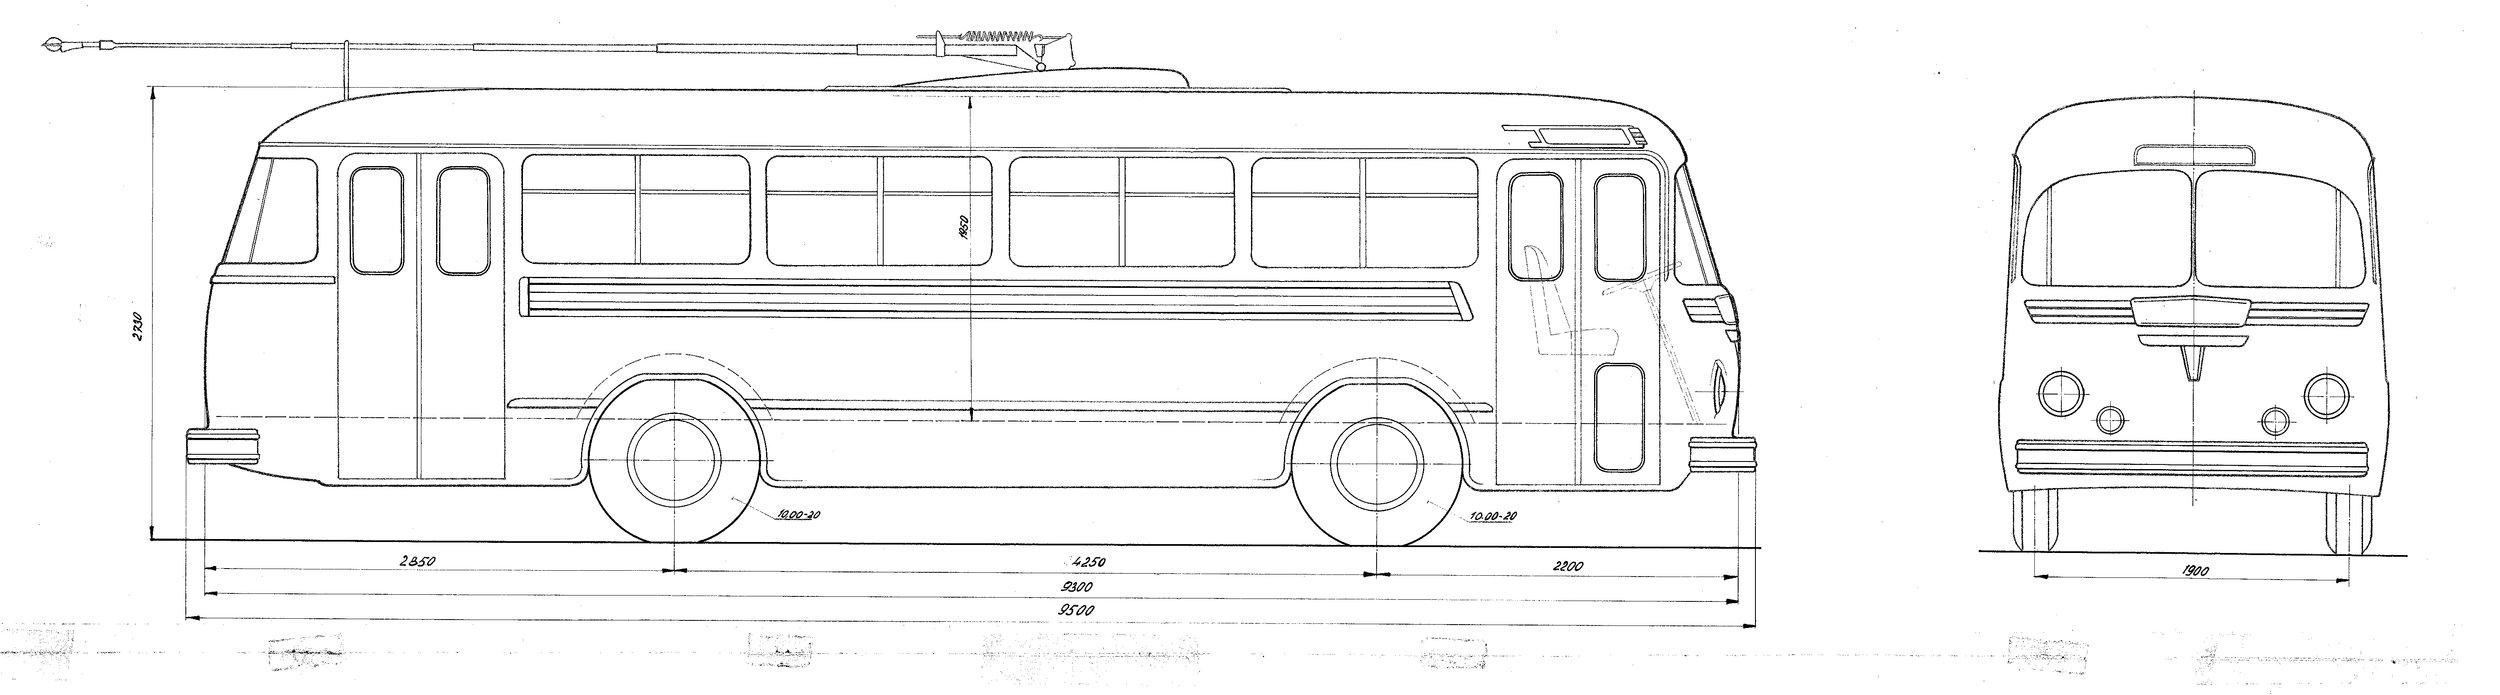 Návrh trolejbusu od Karosy z roku 1950. (zdroj: archiv Iveco Czech Republic)